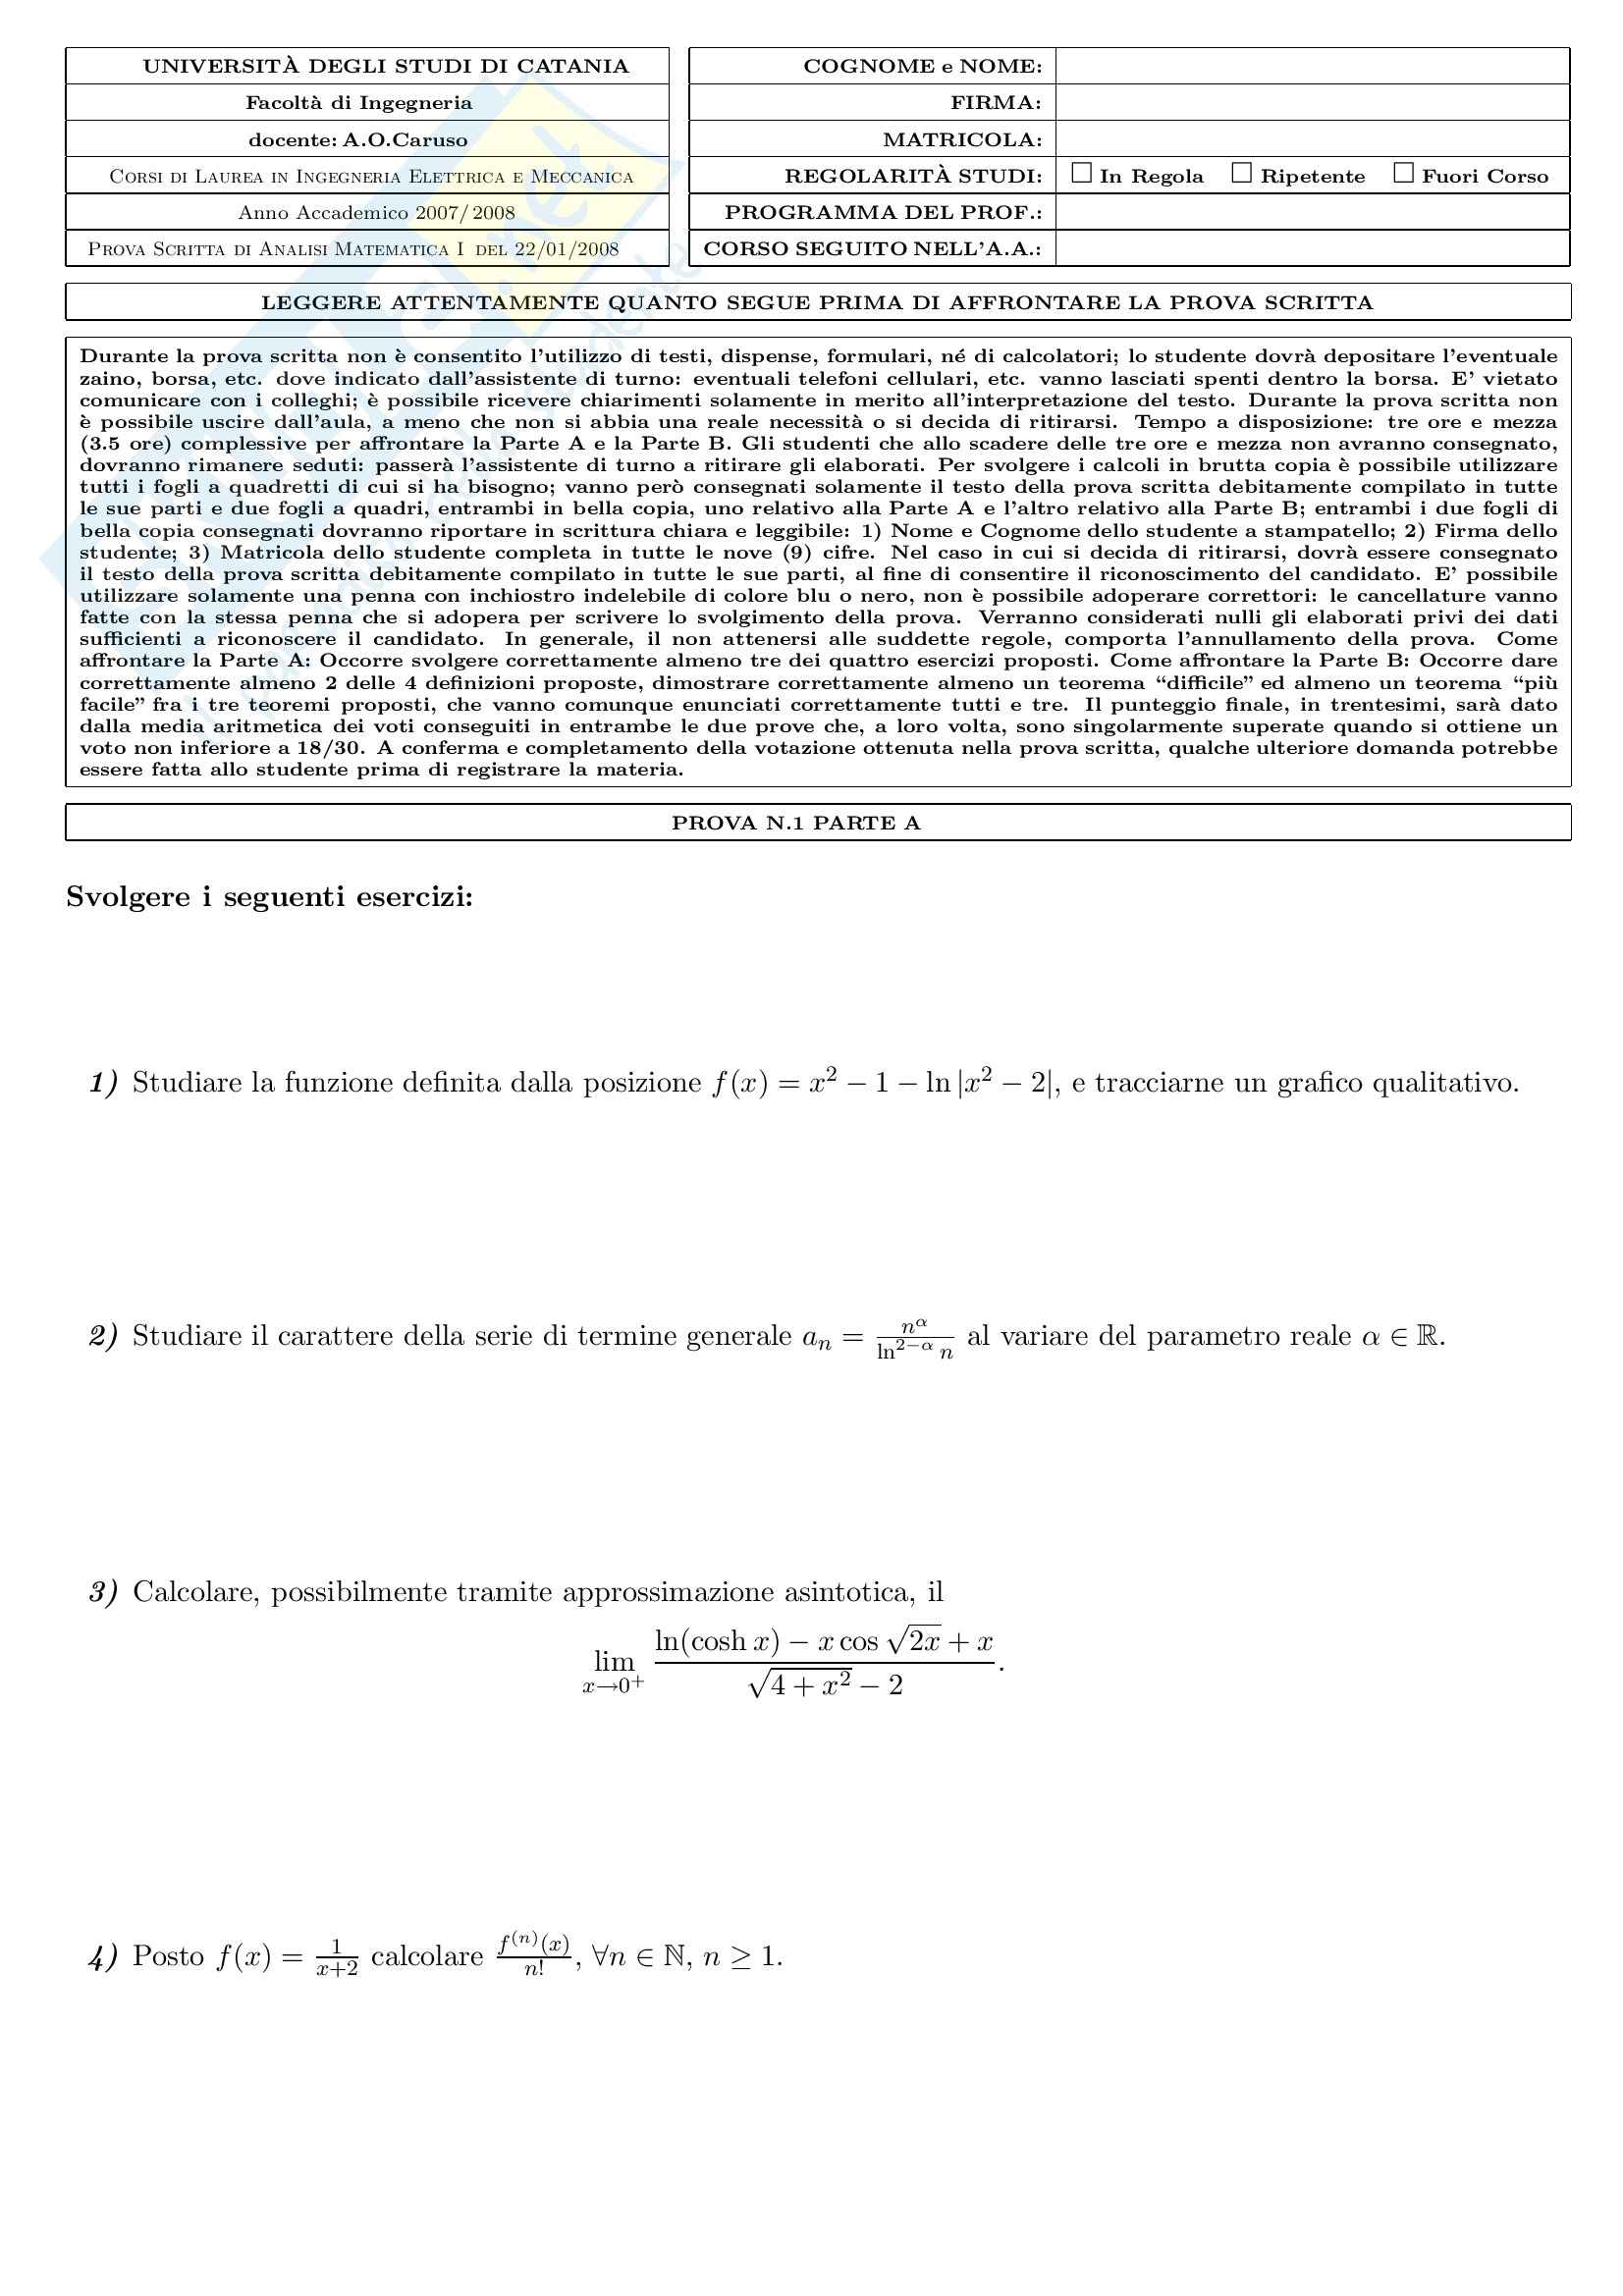 Analisi matematica uno - Testi e soluzioni Pag. 11